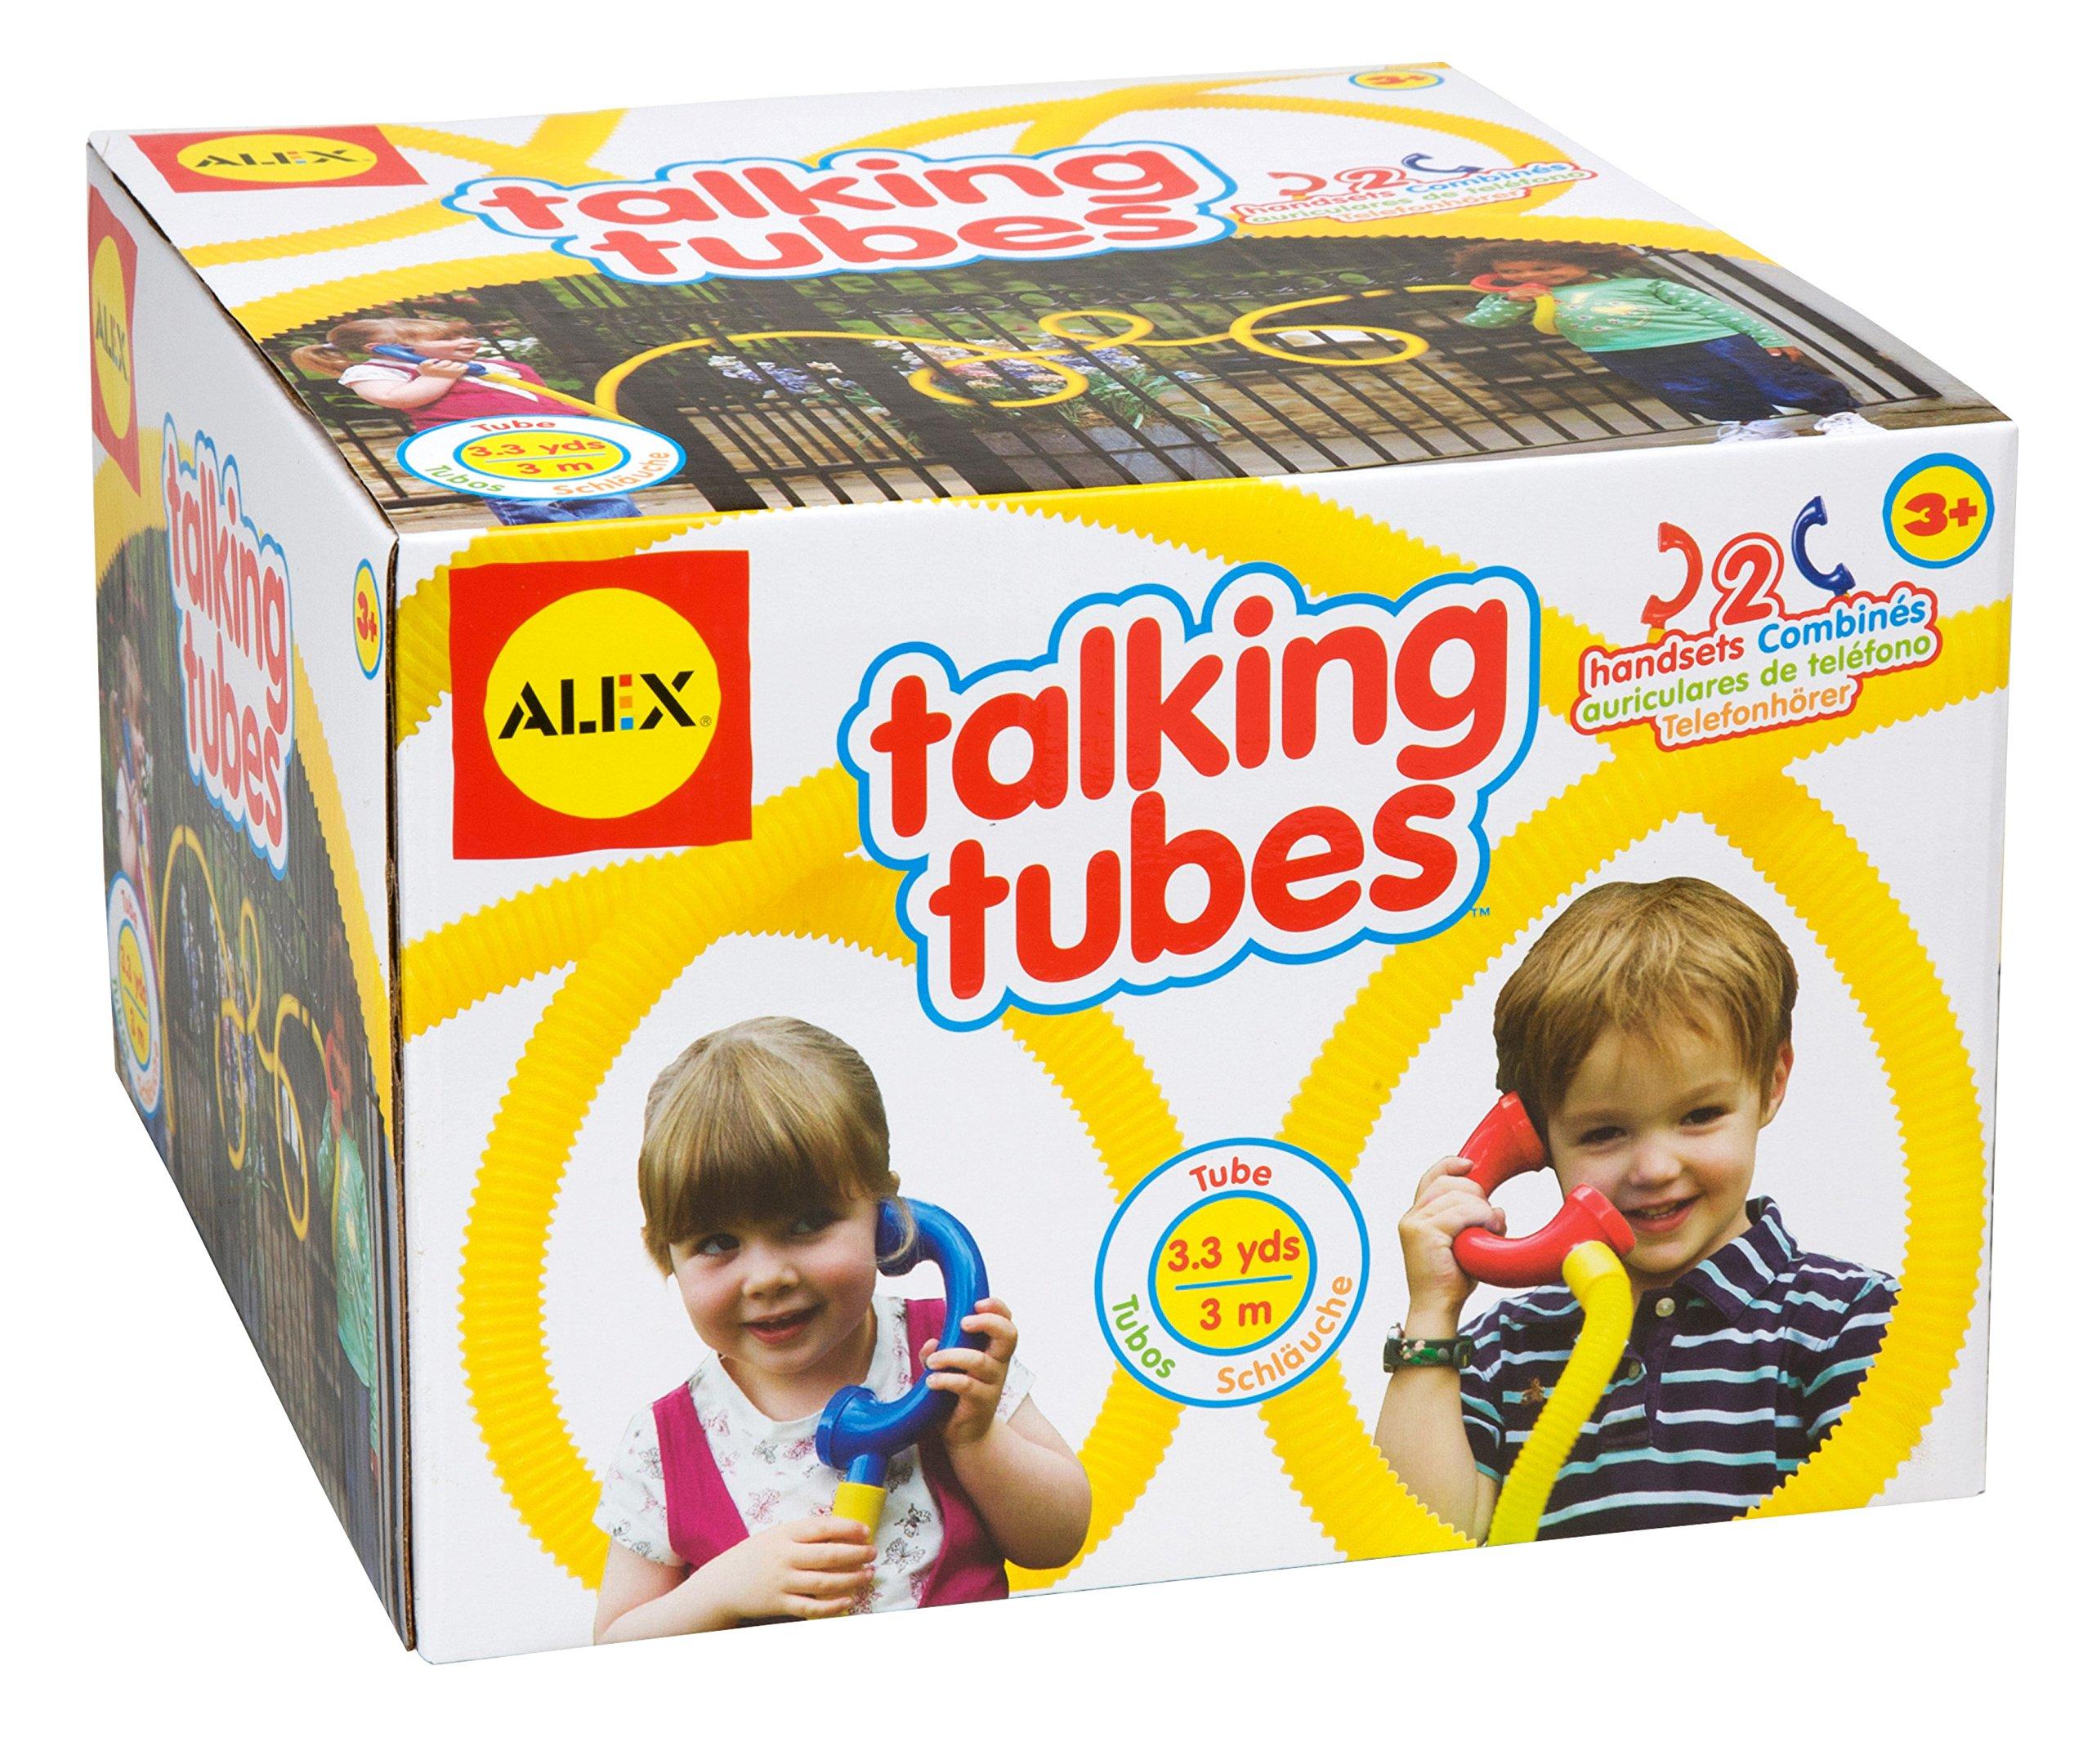 ALEX Toys Talking Tubes by ALEX Toys